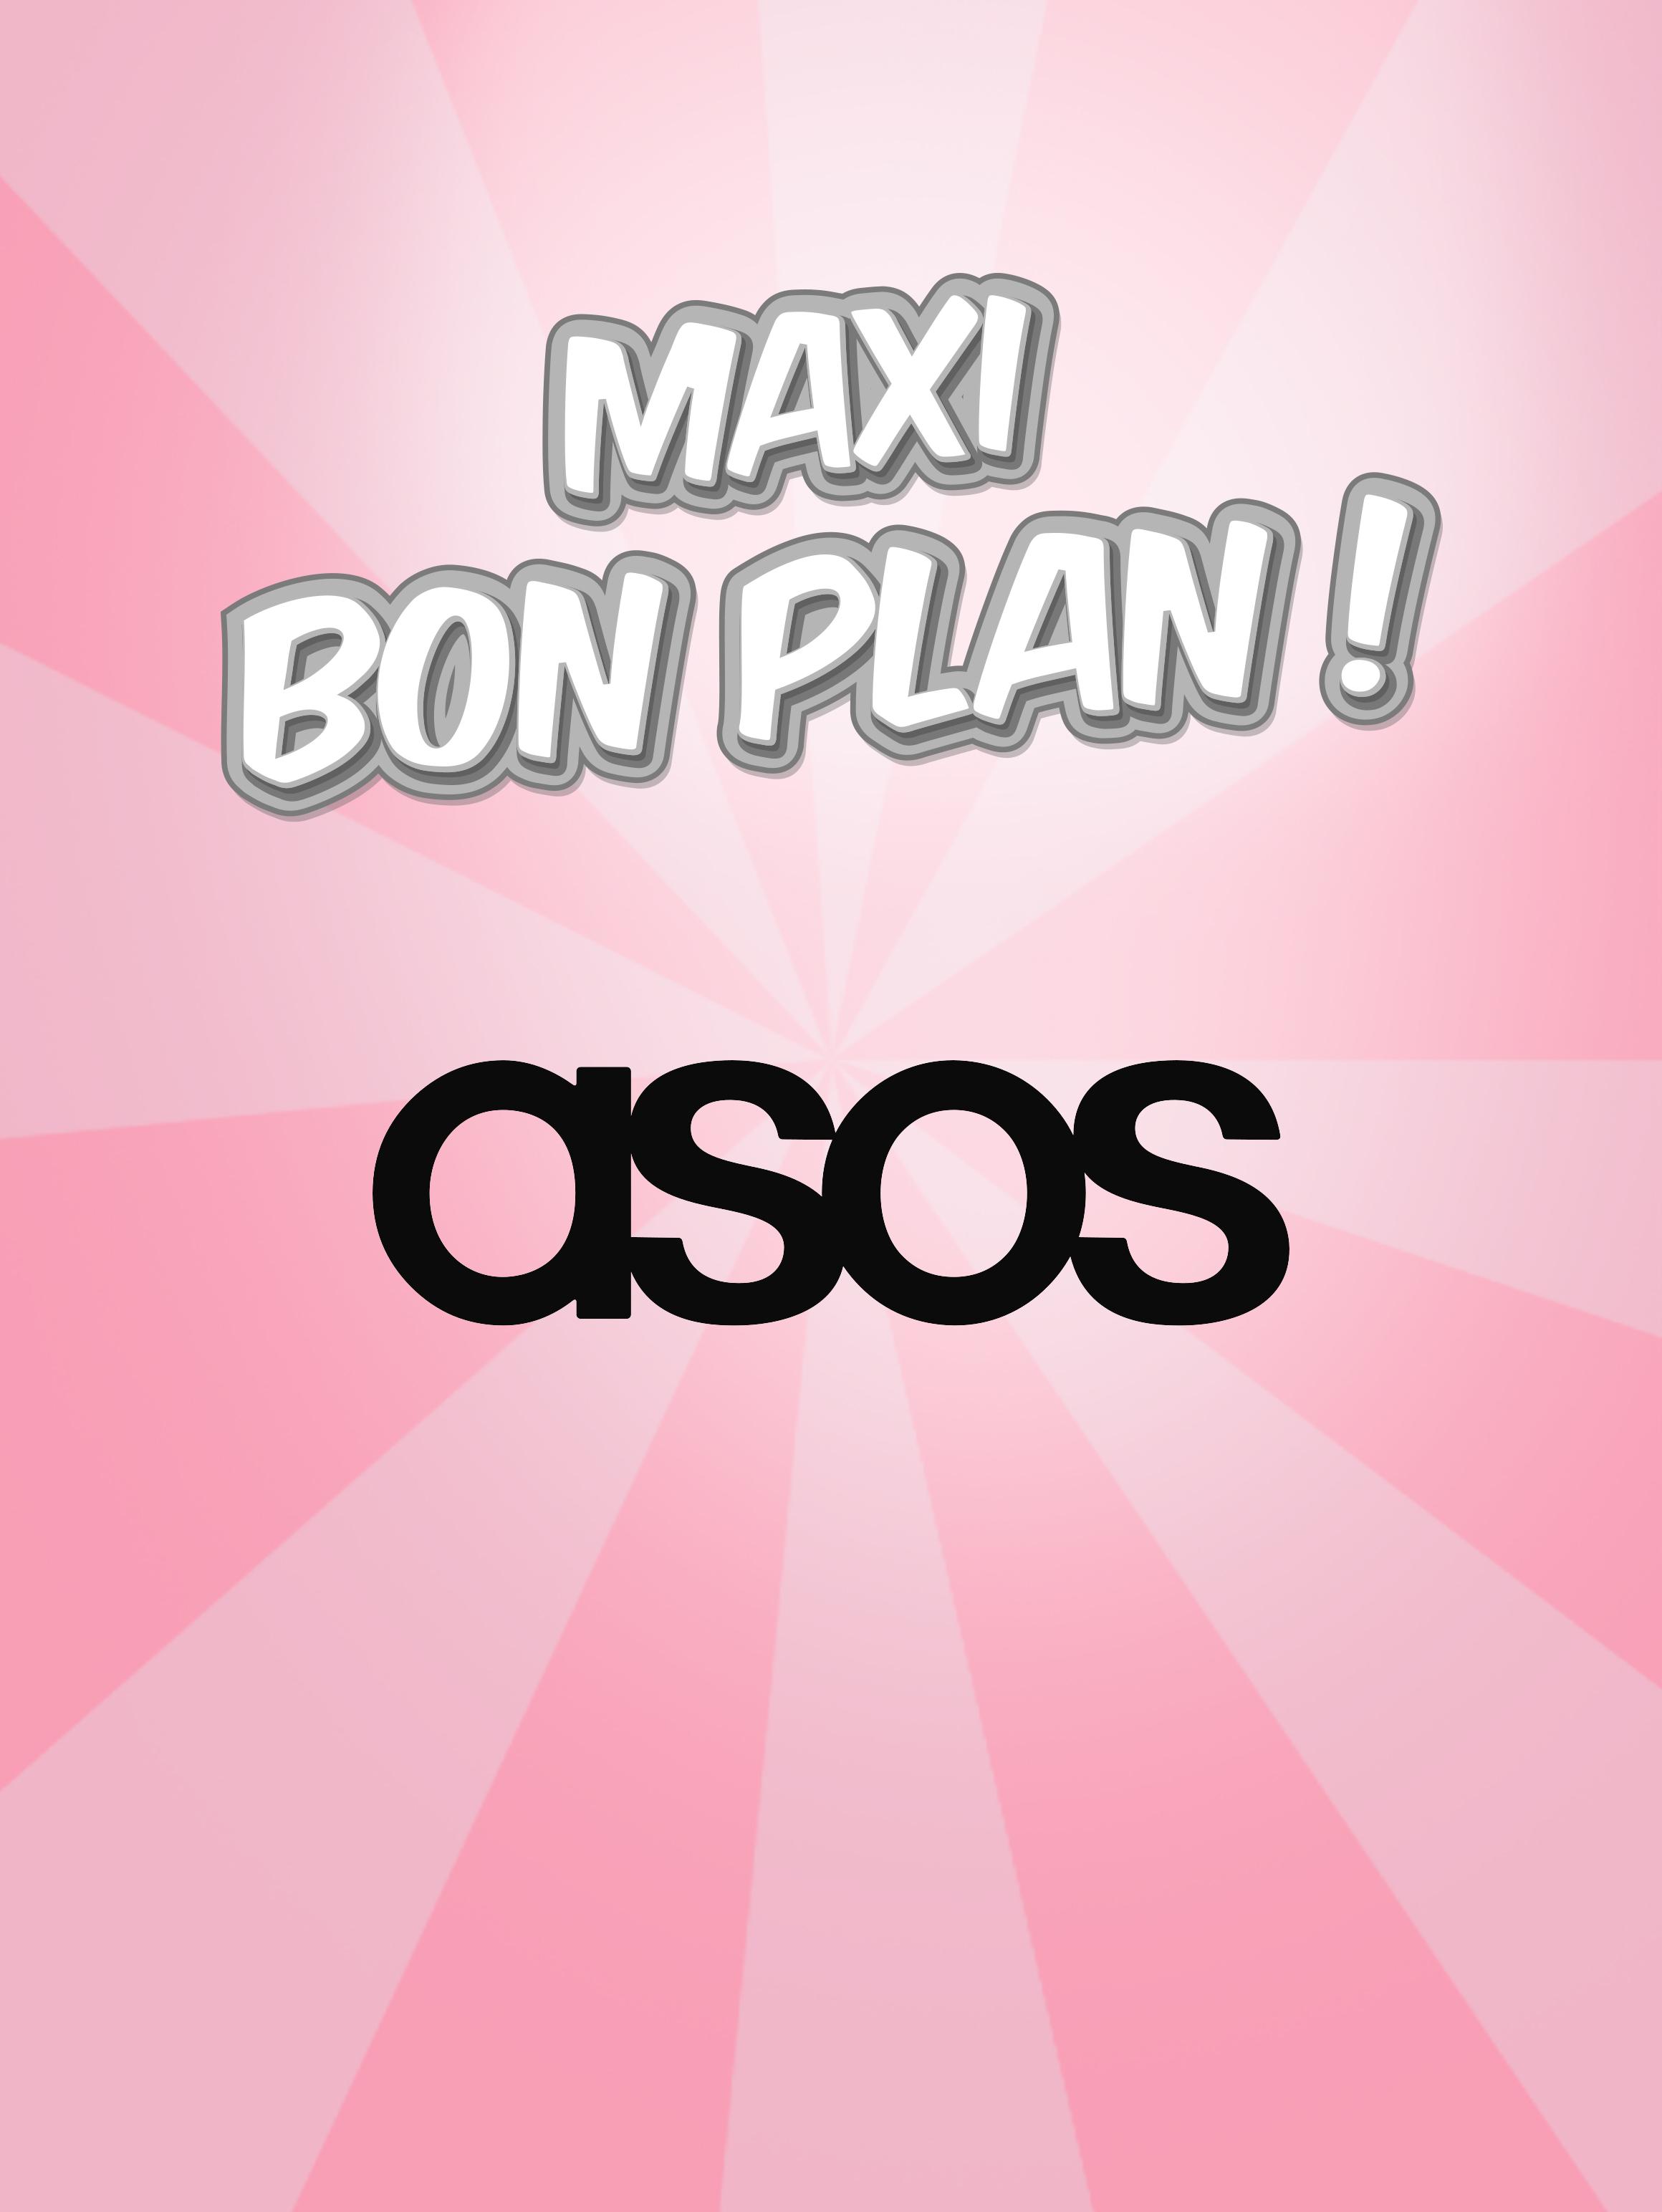 Maxi promo ASOS !